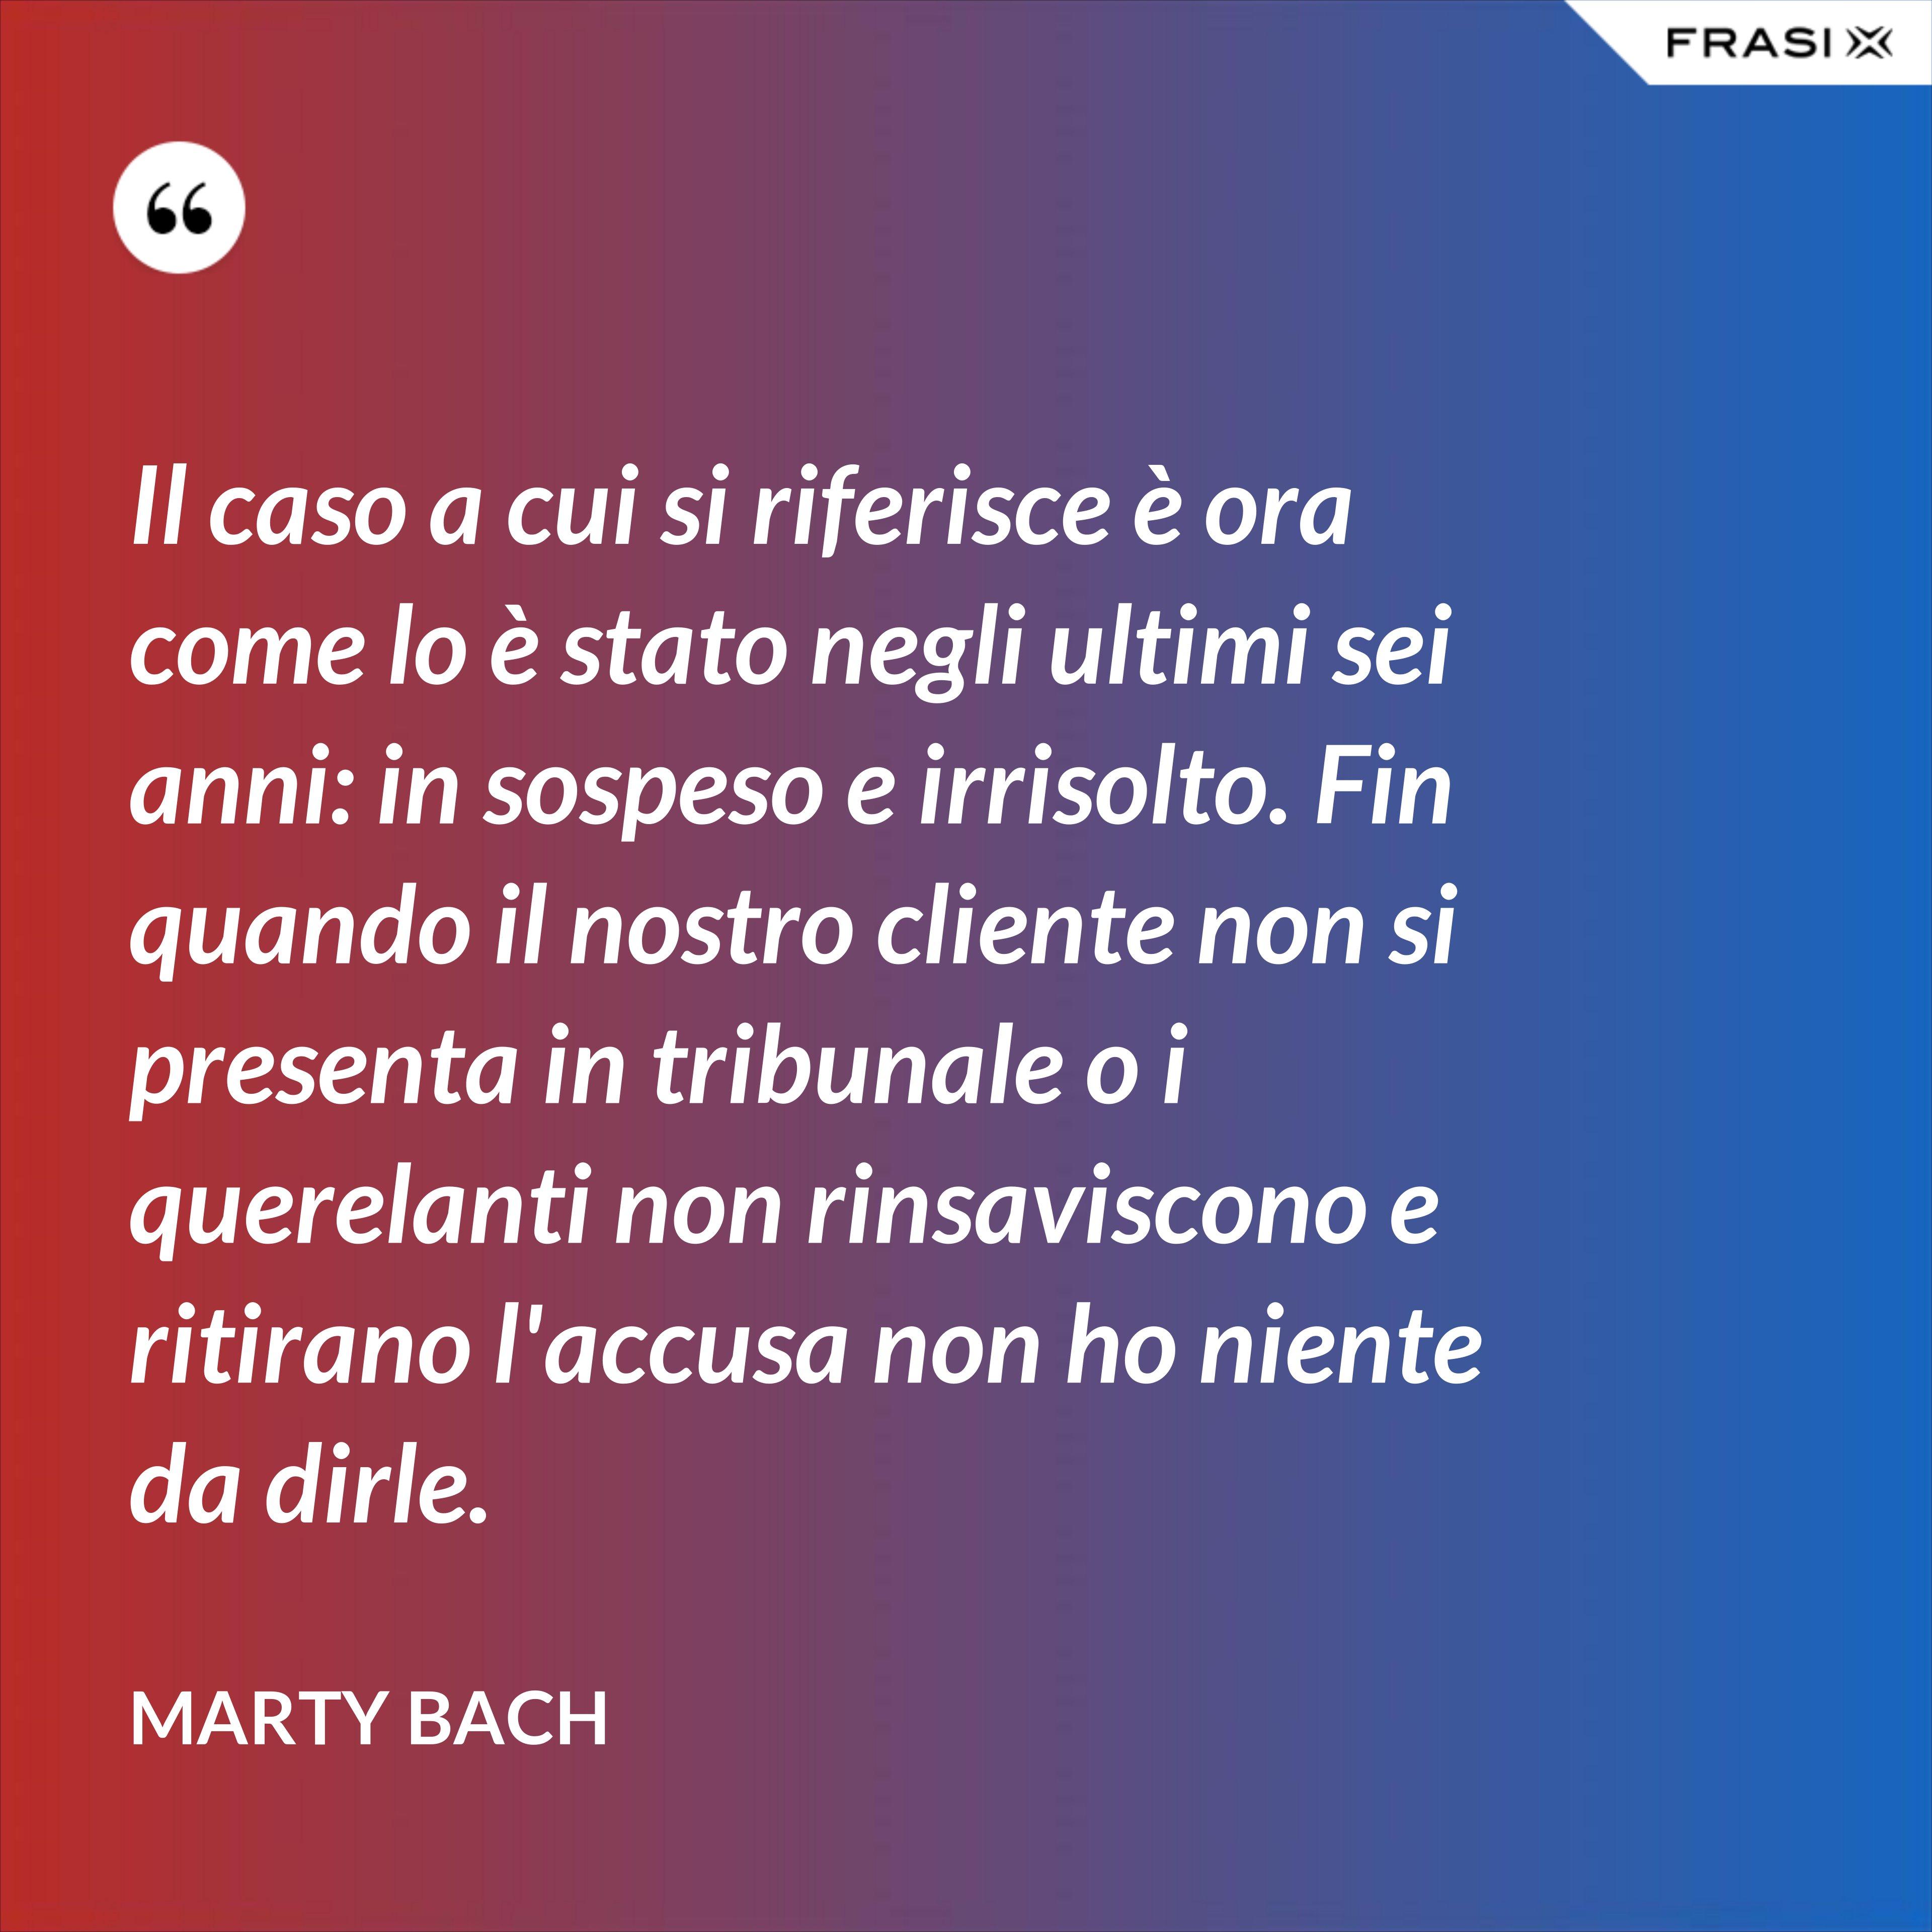 Il caso a cui si riferisce è ora come lo è stato negli ultimi sei anni: in sospeso e irrisolto. Fin quando il nostro cliente non si presenta in tribunale o i querelanti non rinsaviscono e ritirano l'accusa non ho niente da dirle. - Marty Bach